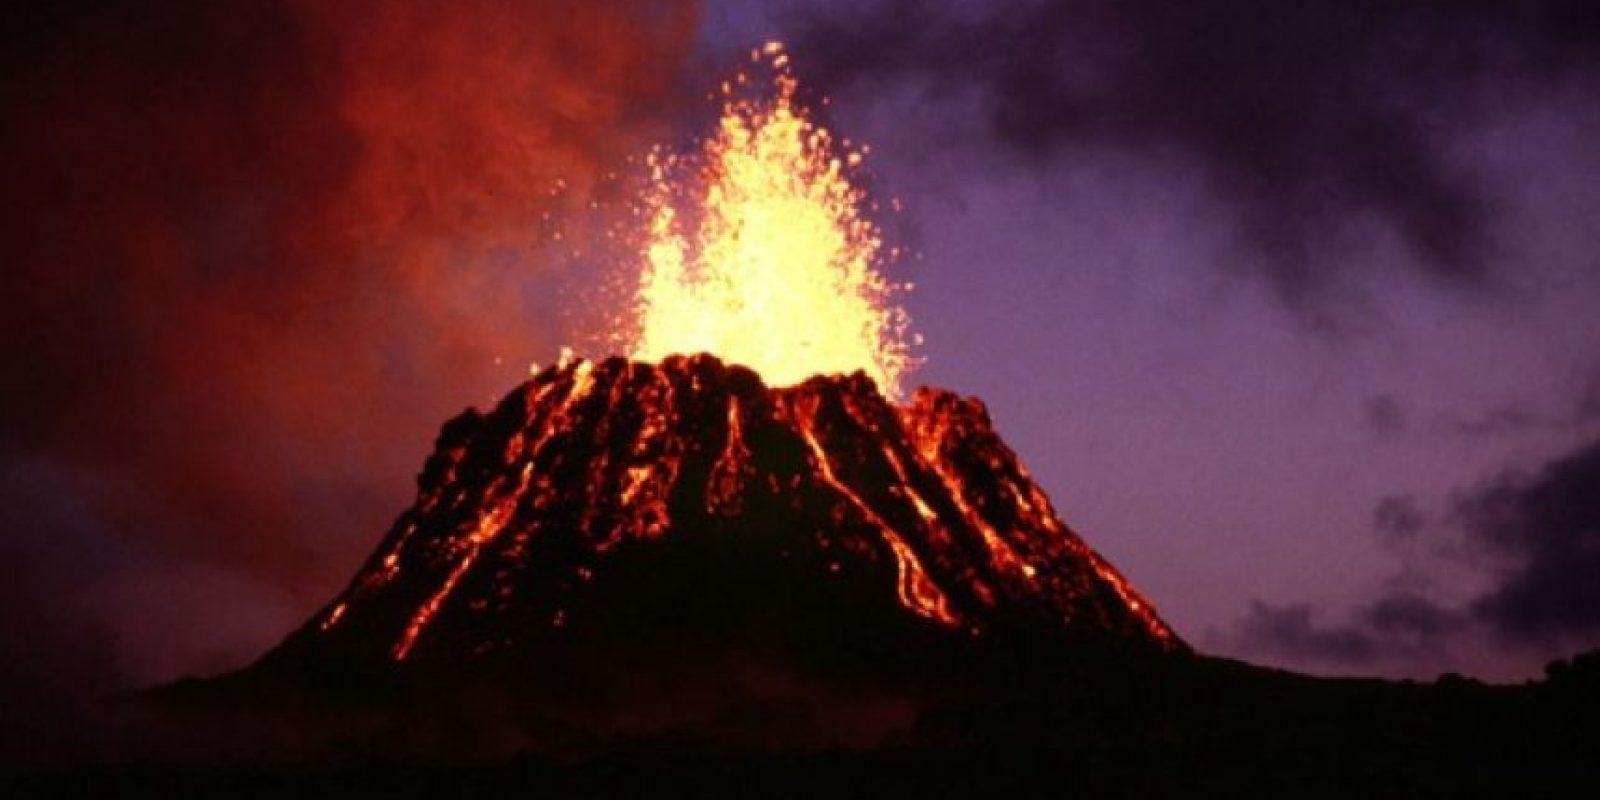 Esto ocasiona una erupción volcánica en la que se expulsa la lava hirviendo que se encontraba en el magma. Foto:Wikimedia